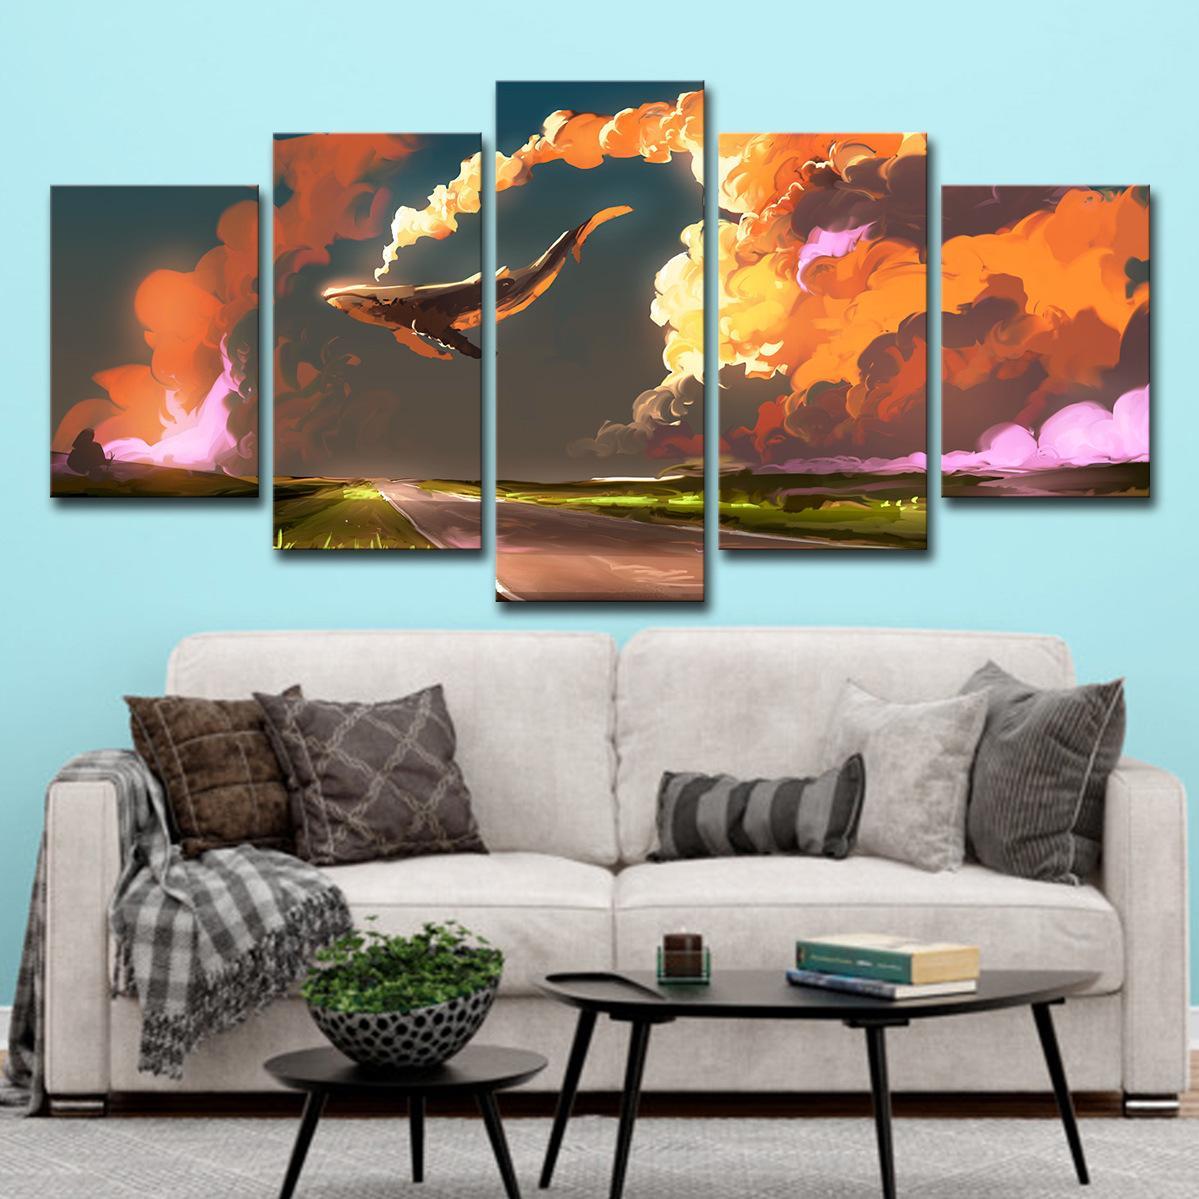 Çerçevesiz Özet Manzara Tuval Wall Art Pictures Salon Ev Dekorasyonu 5 Adet için Boyama Havadan içinde Renkli Bulutlar Balık şeklinde